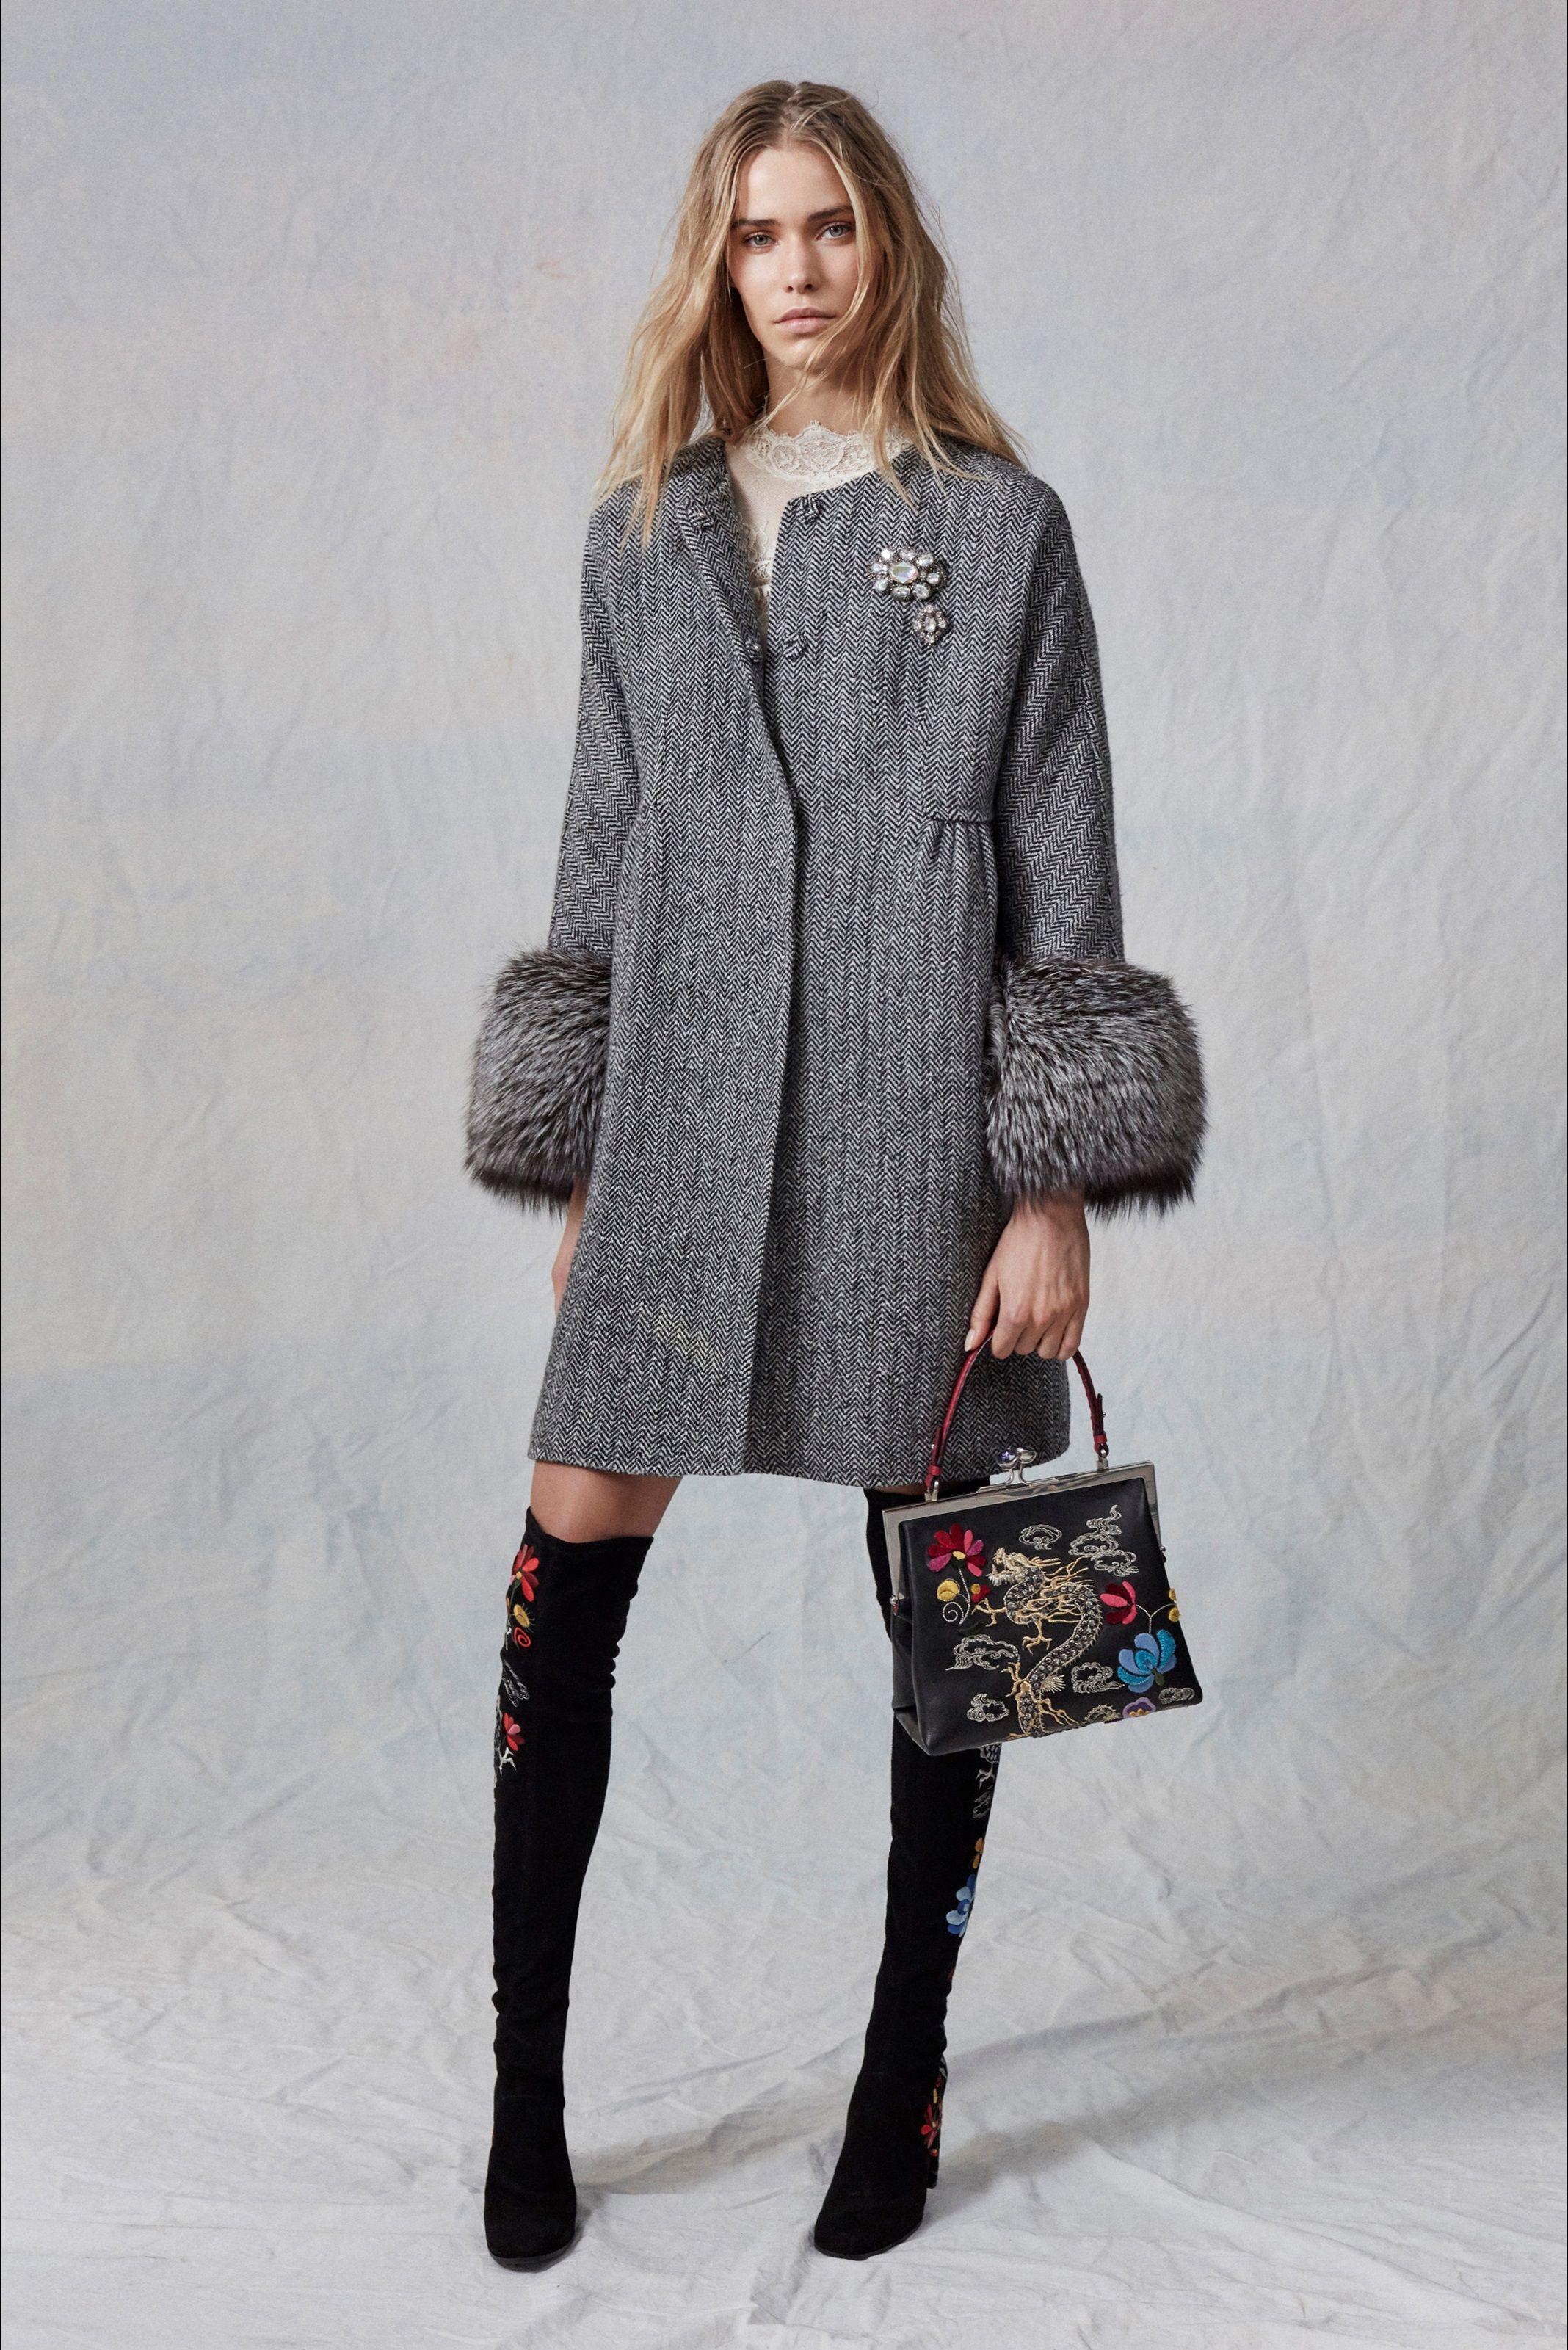 Sfilata Ermanno Scervino Milano - Pre-Collezioni Autunno-Inverno 2017-18 - Vogue